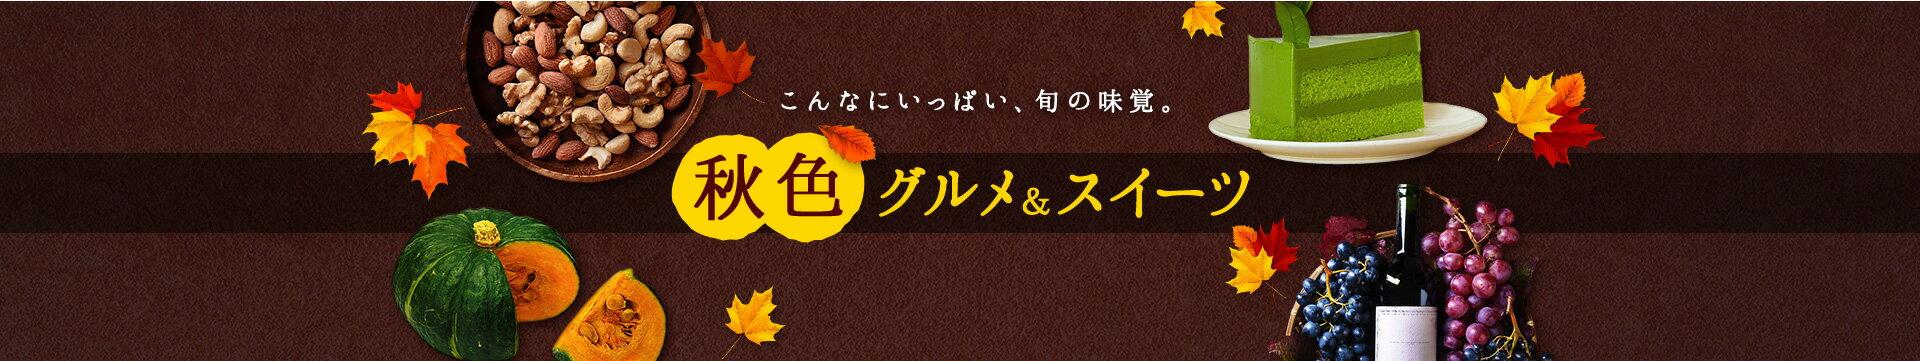 秋色グルメ&スイーツ